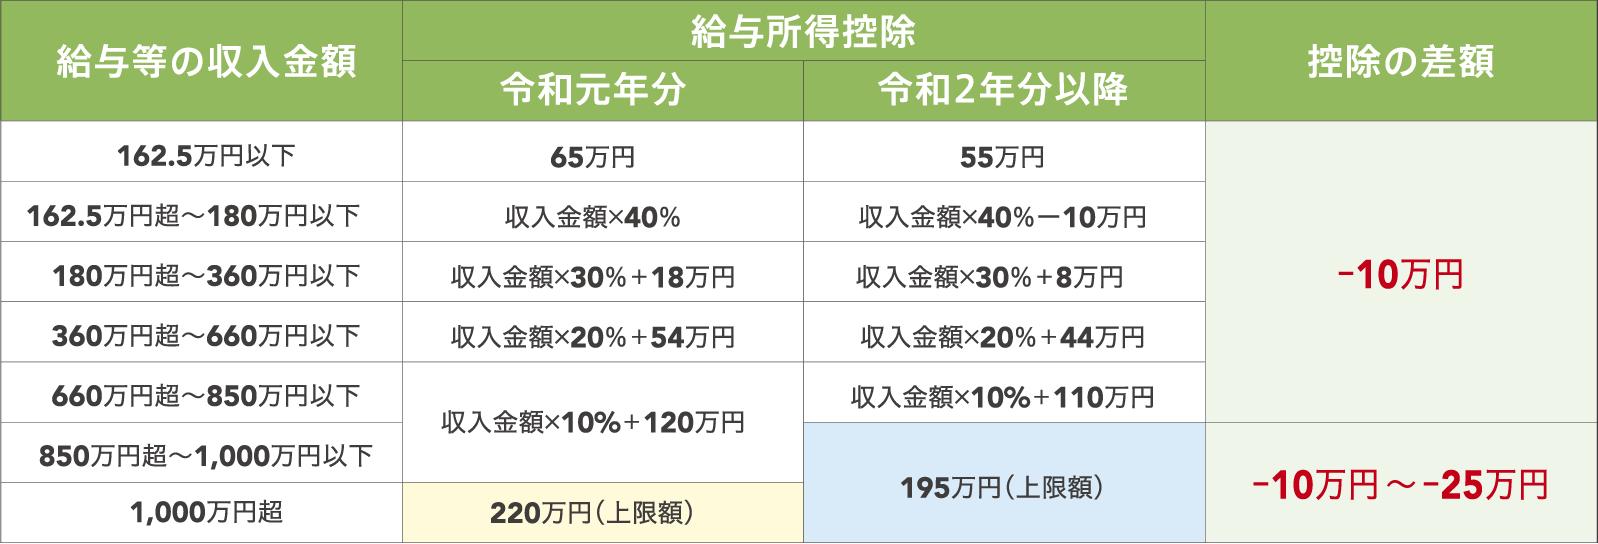 給与等の収入金額と控除額の上限の推移